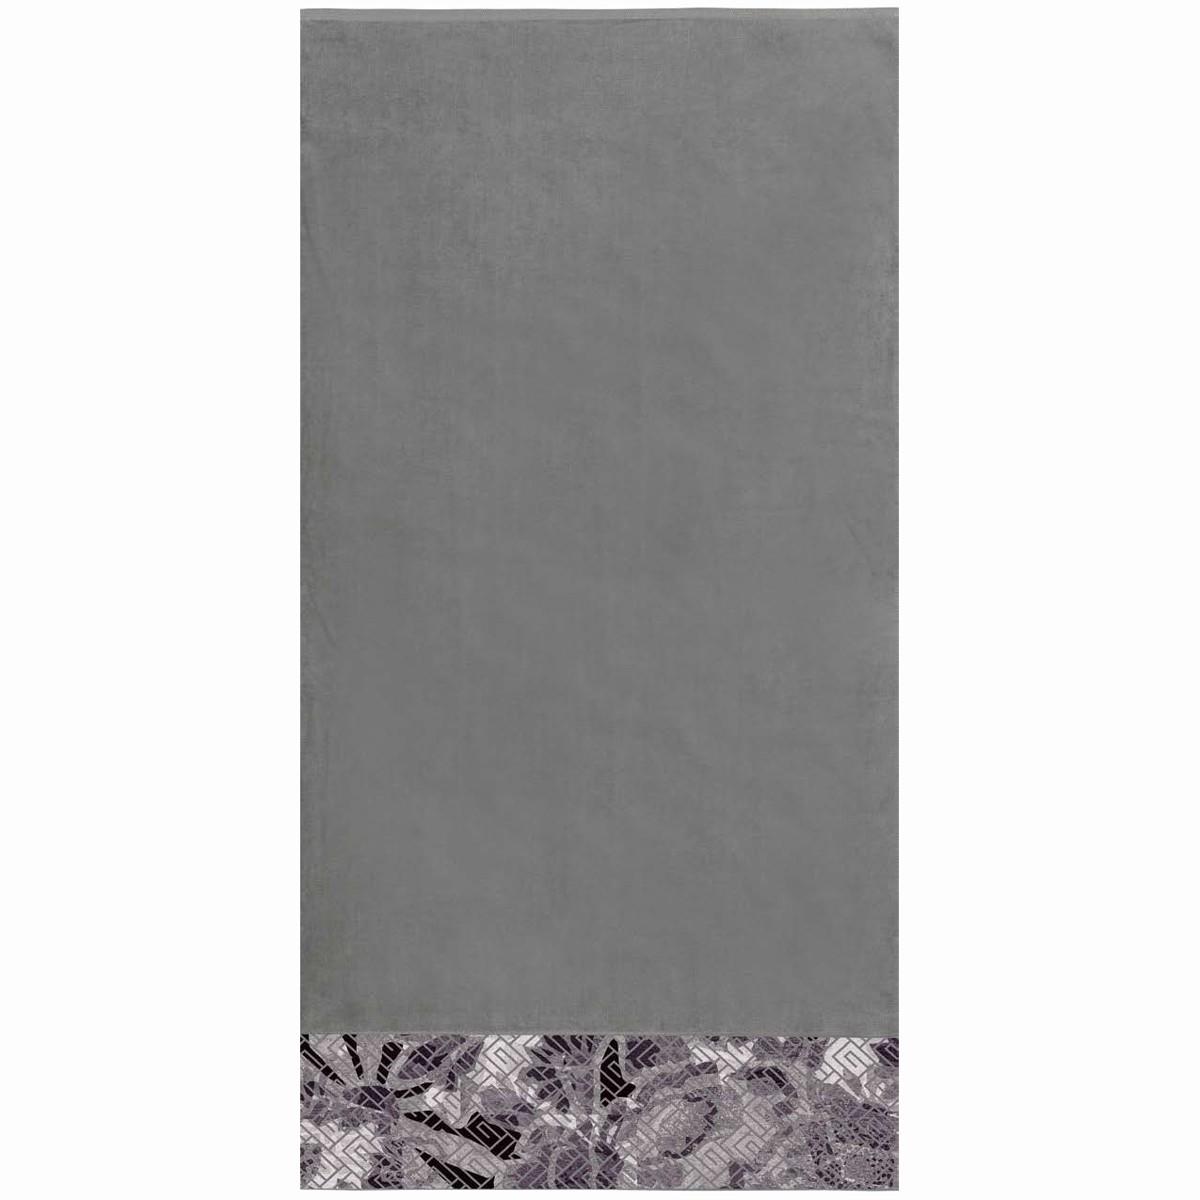 Πετσέτα Θαλάσσης Guy Laroche Jacquard Printed 3 Anthracite